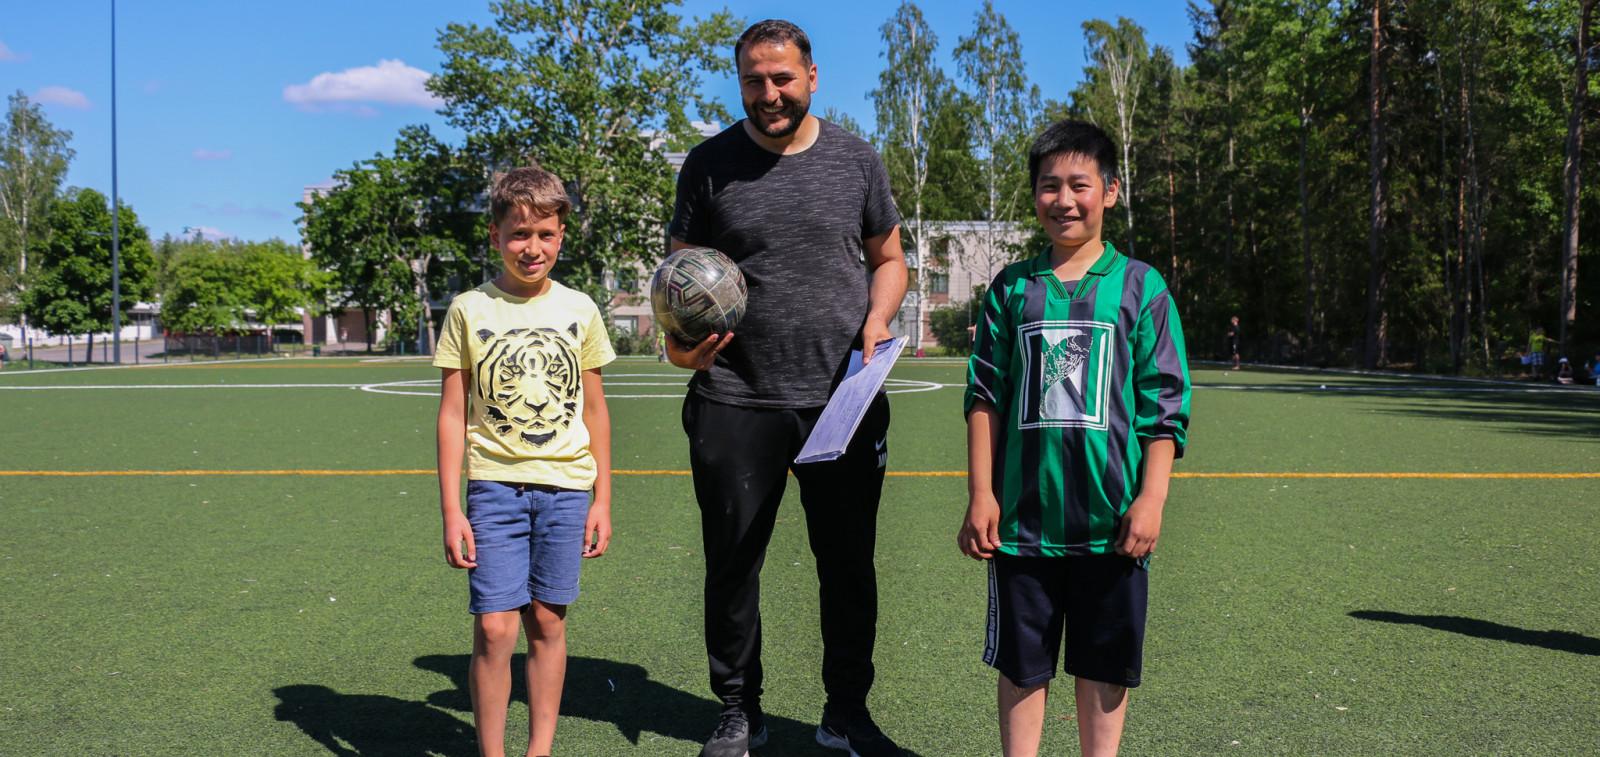 Yksi aikuinen ja kaksi lasta seisovat kesäisellä jalkapallokentällä.